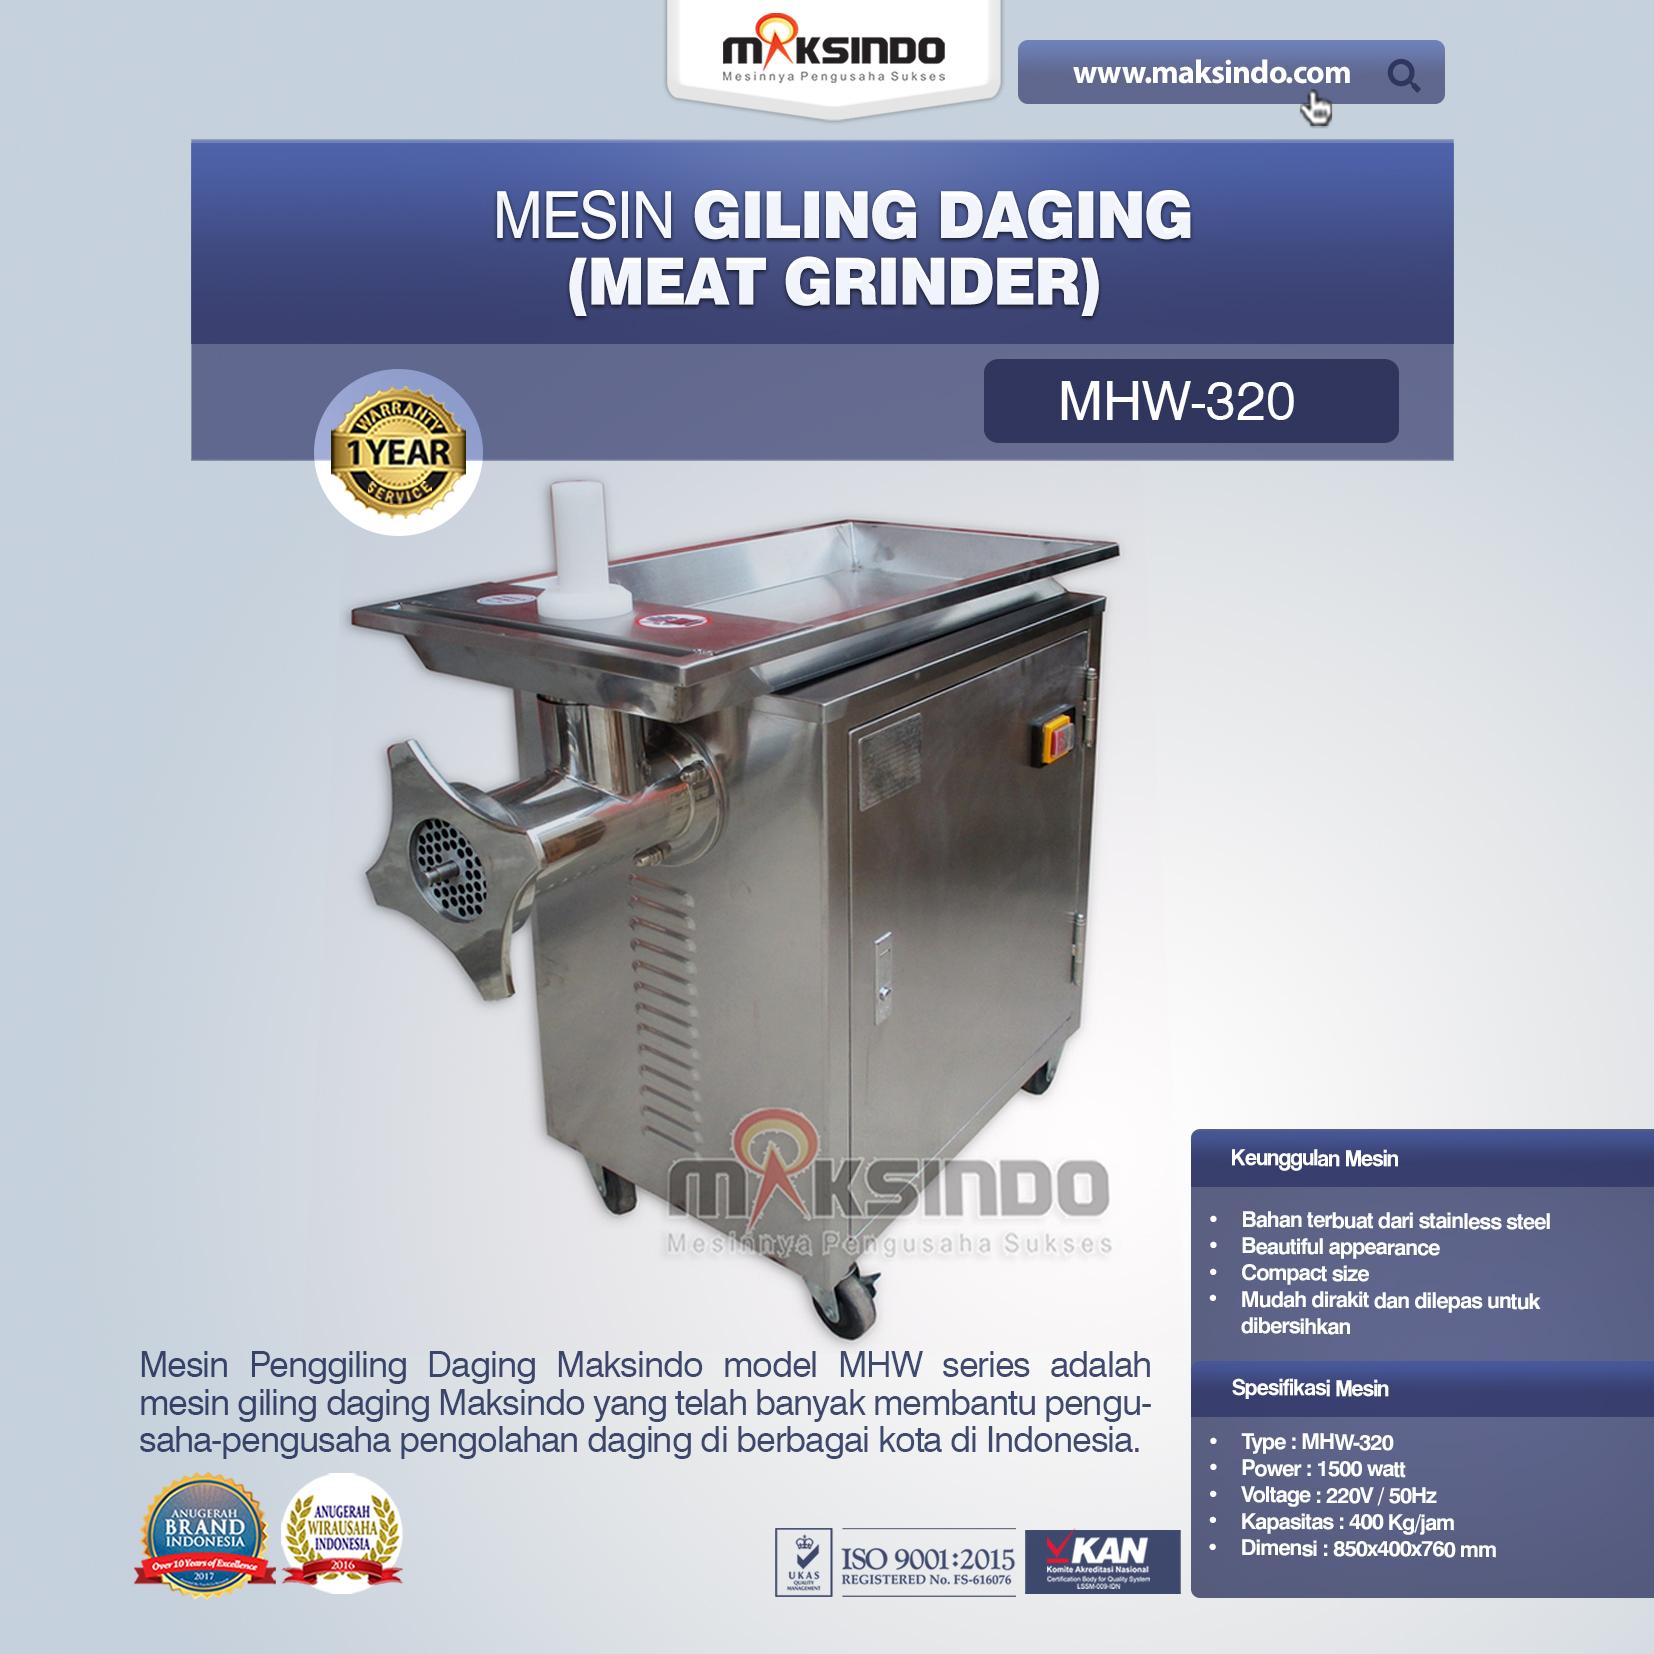 Jual Mesin Giling Daging MHW-320 di Jakarta